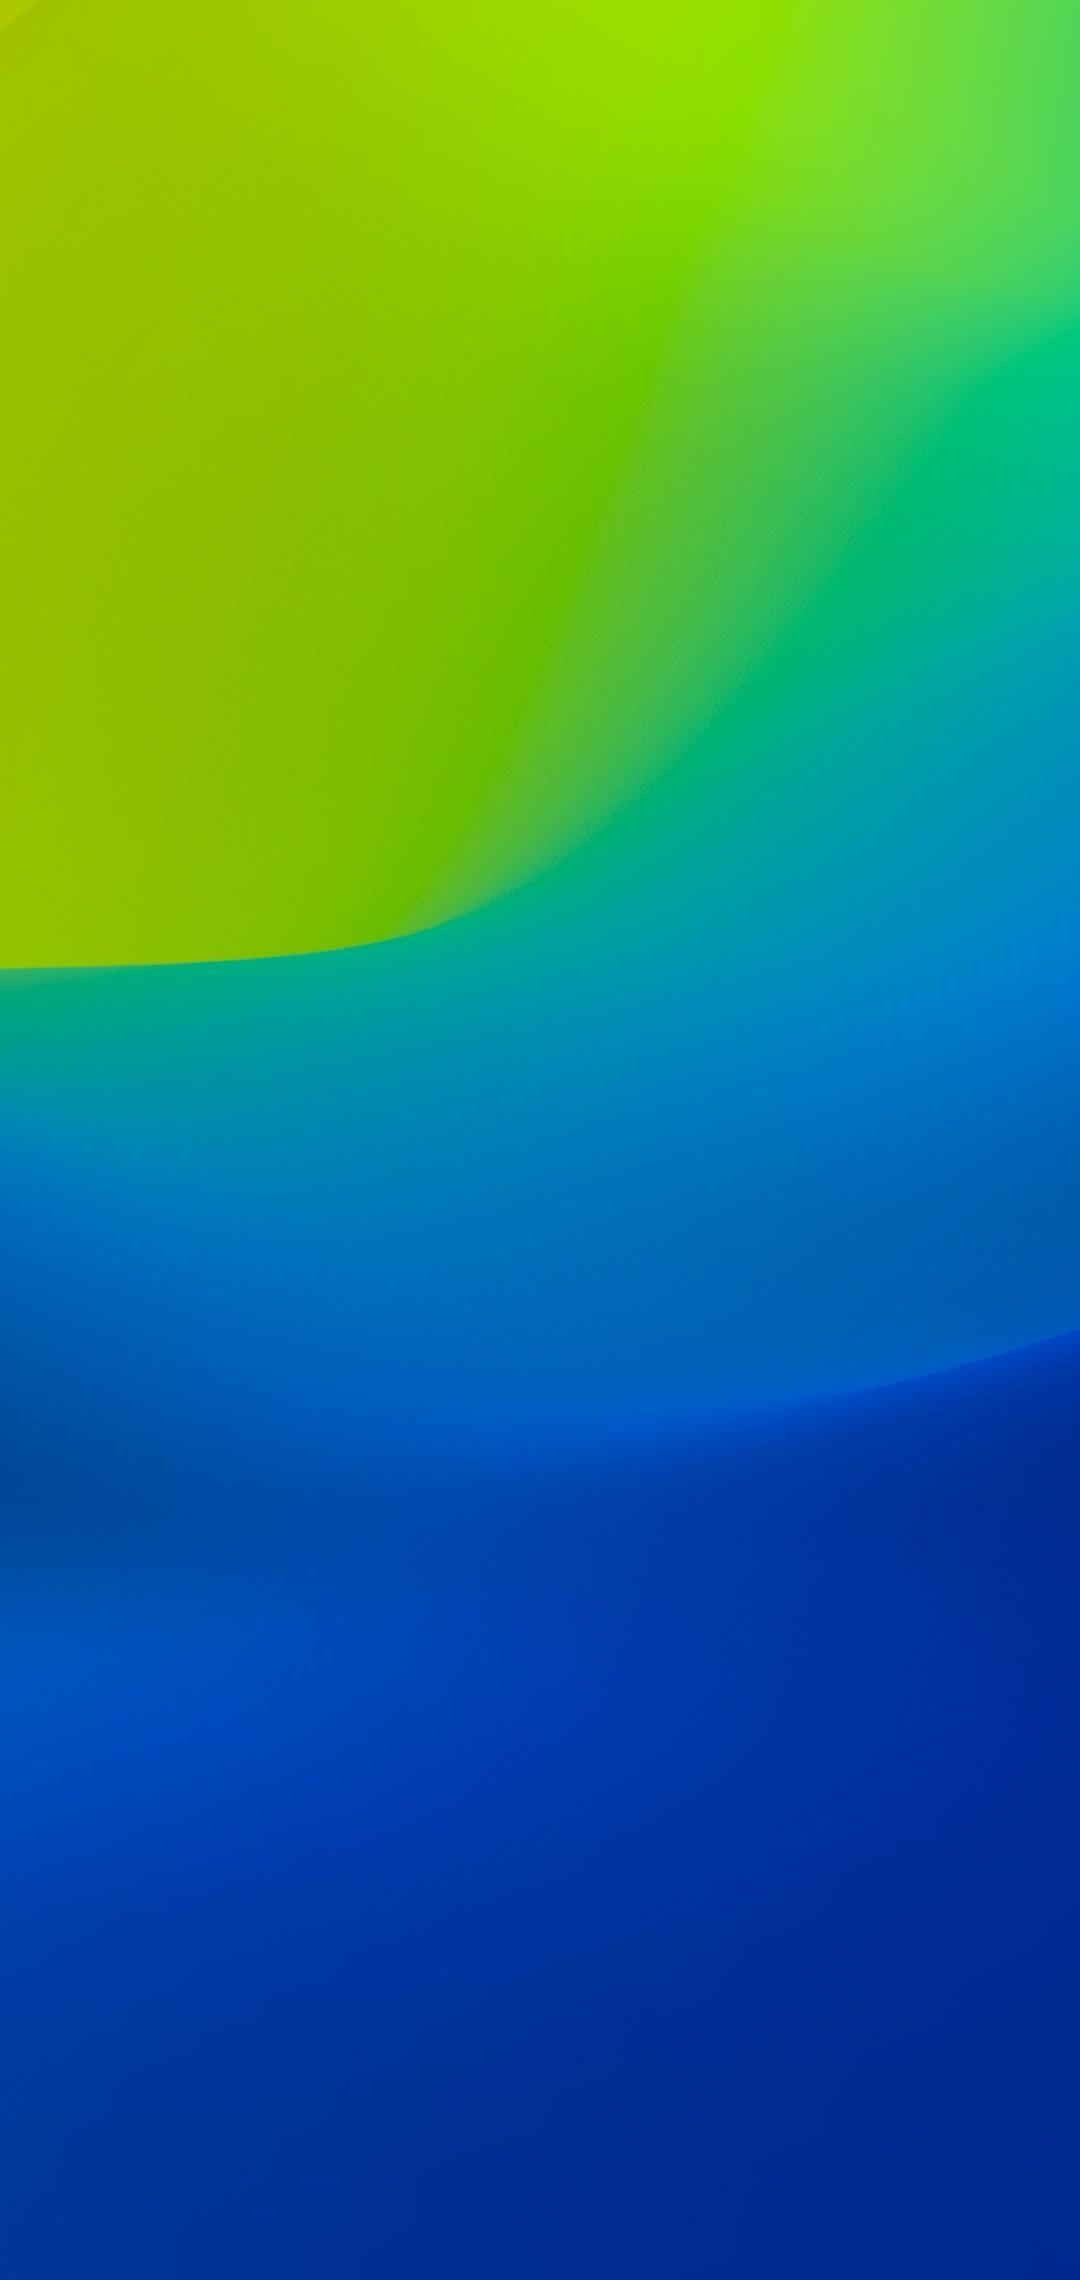 Free Download Vivo Wallpaper Vivo X21 Wallpaper Hd 52683 Hd